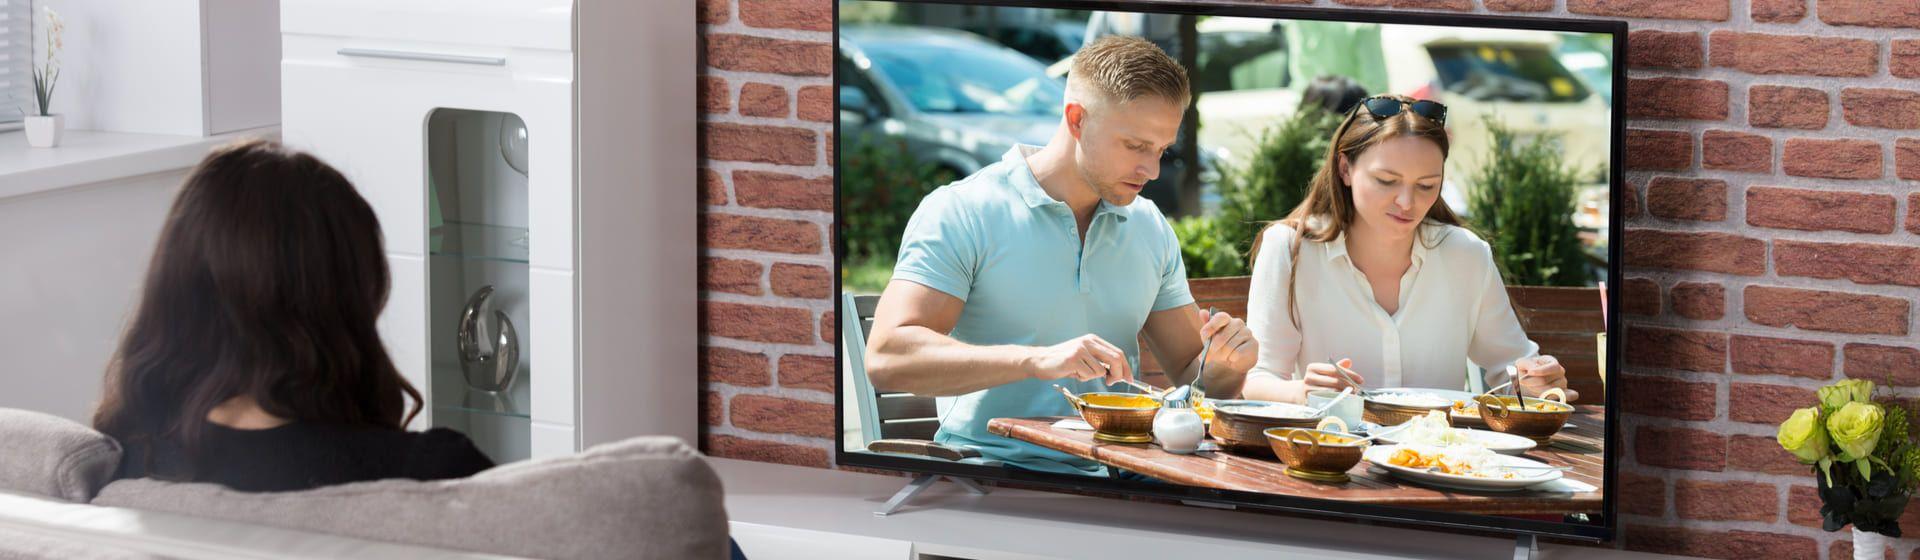 Guigo TV: o que é e como assistir na TV